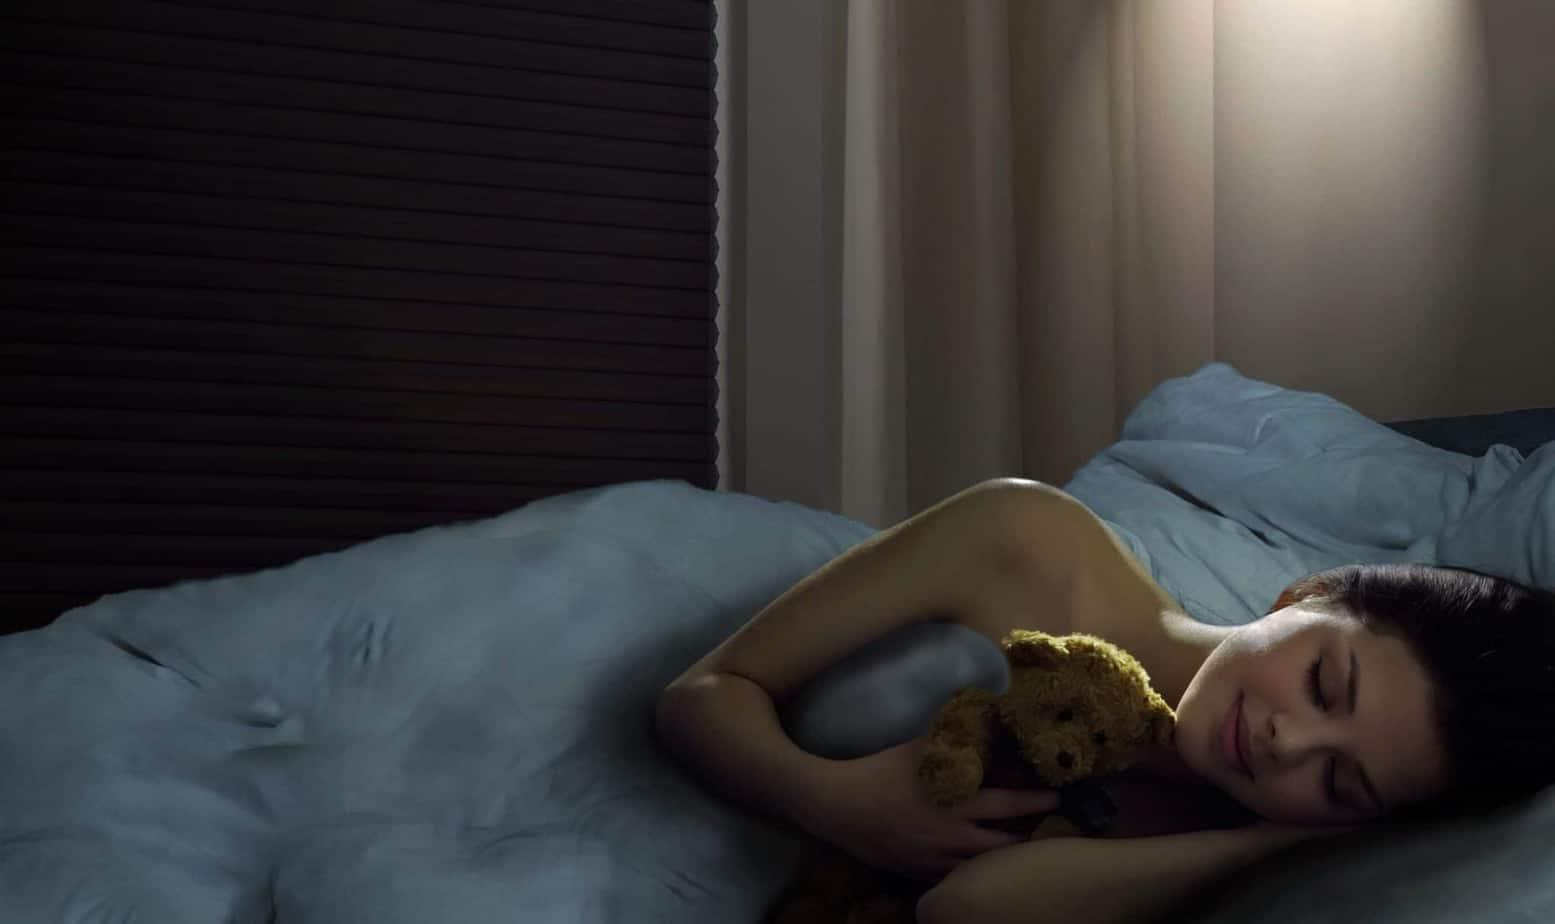 Mit einer optimalen Verdunkelung zum erholsamen Schlaf – warum gesunder Schlaf so wichtig ist und wie Verdunkelungsrollos helfen, besser zu schlafen